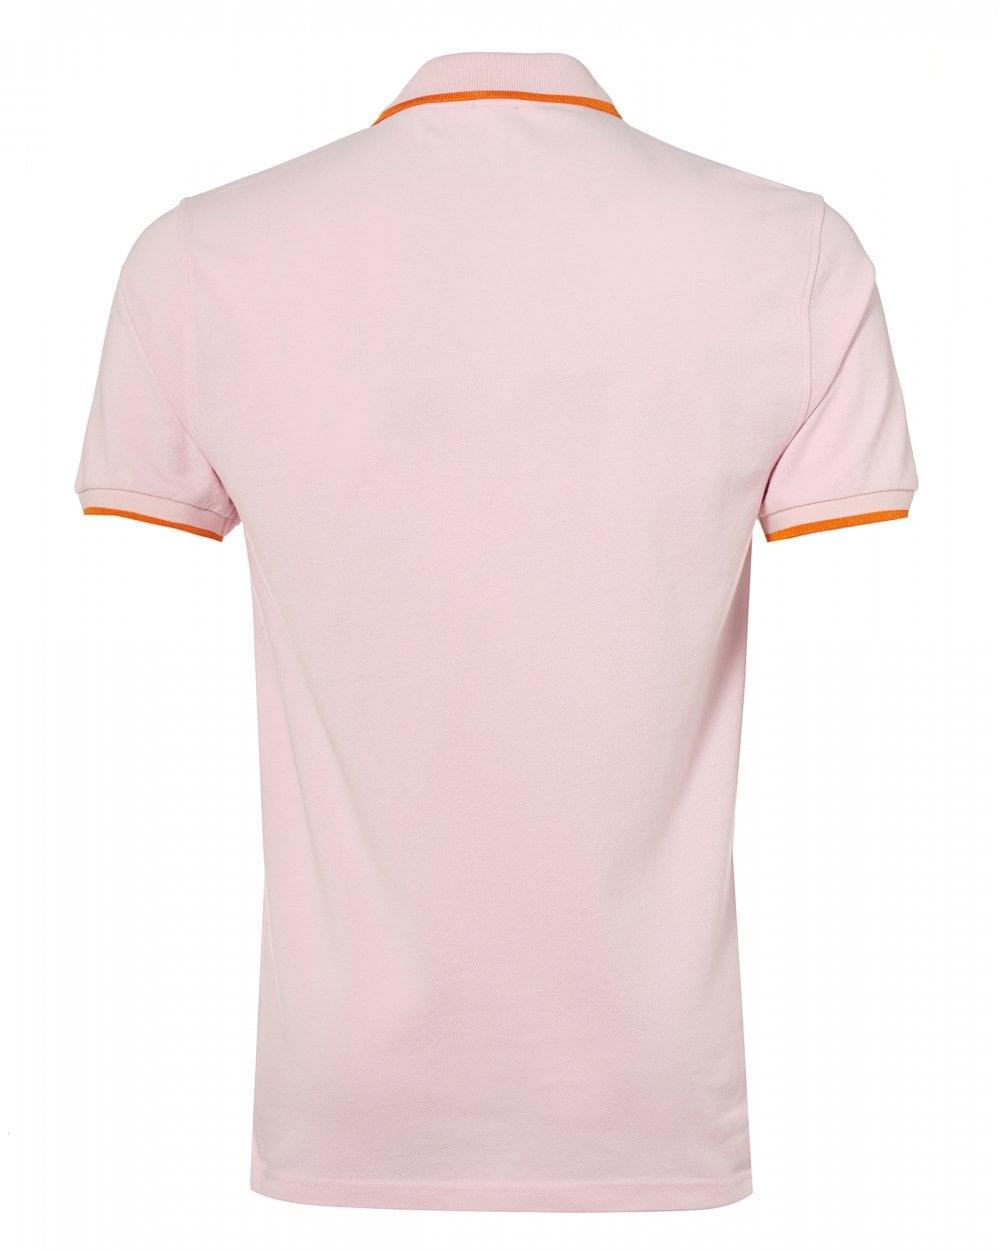 8650547733f7 Kenzo Mens Tiger Polo Shirt